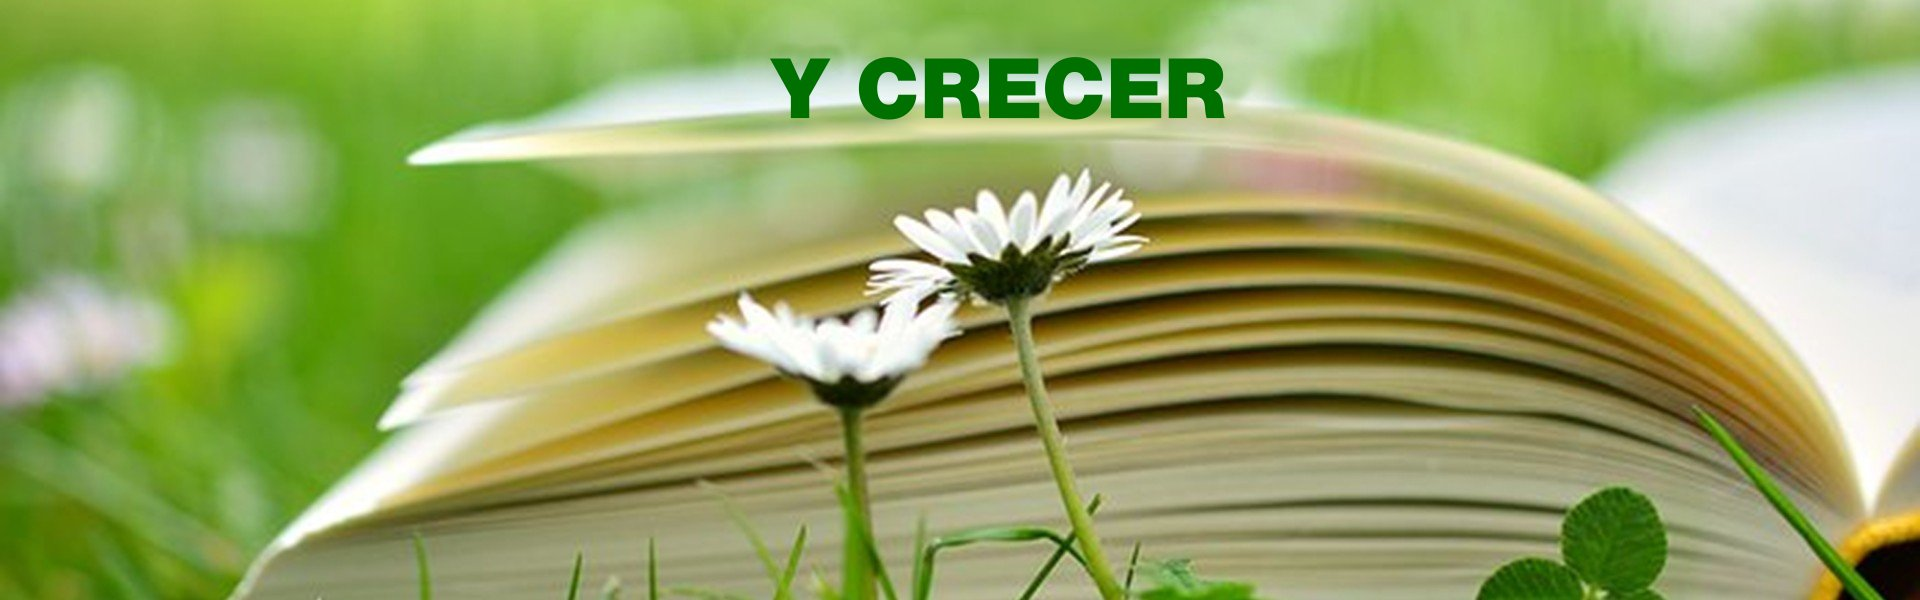 Y CRECER